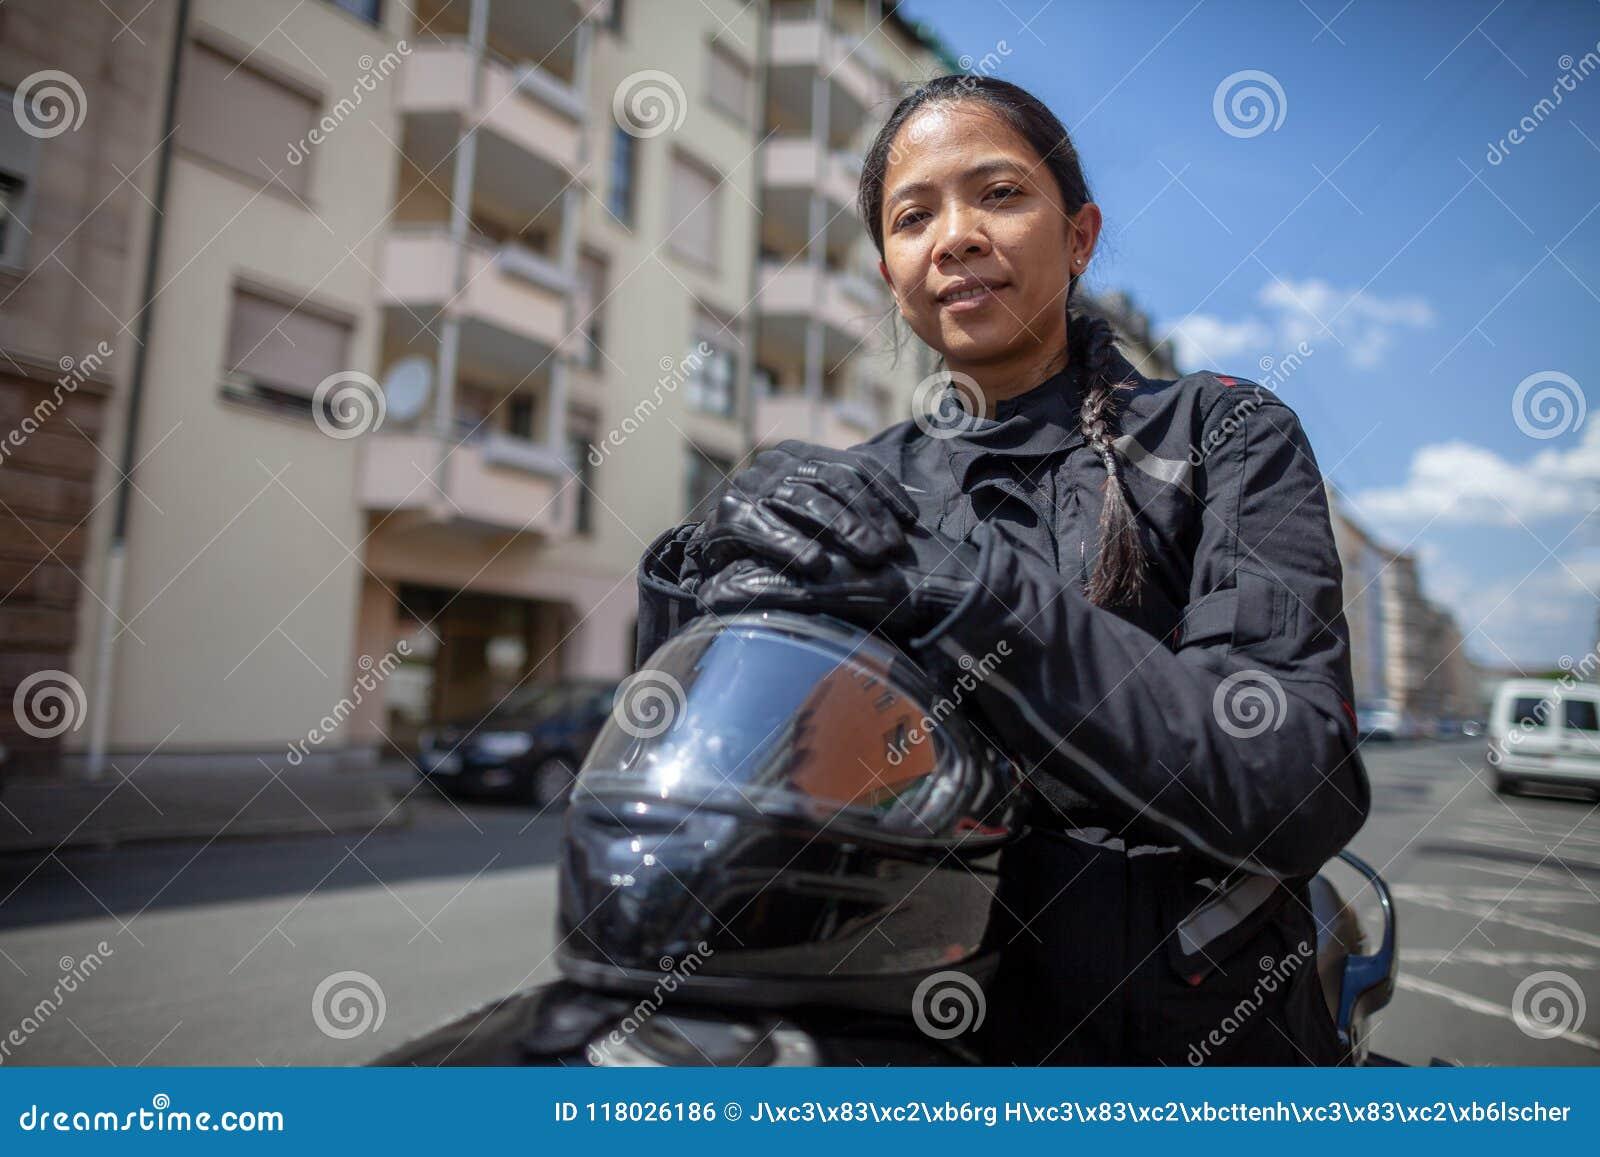 Donna con un casco nero su una motocicletta